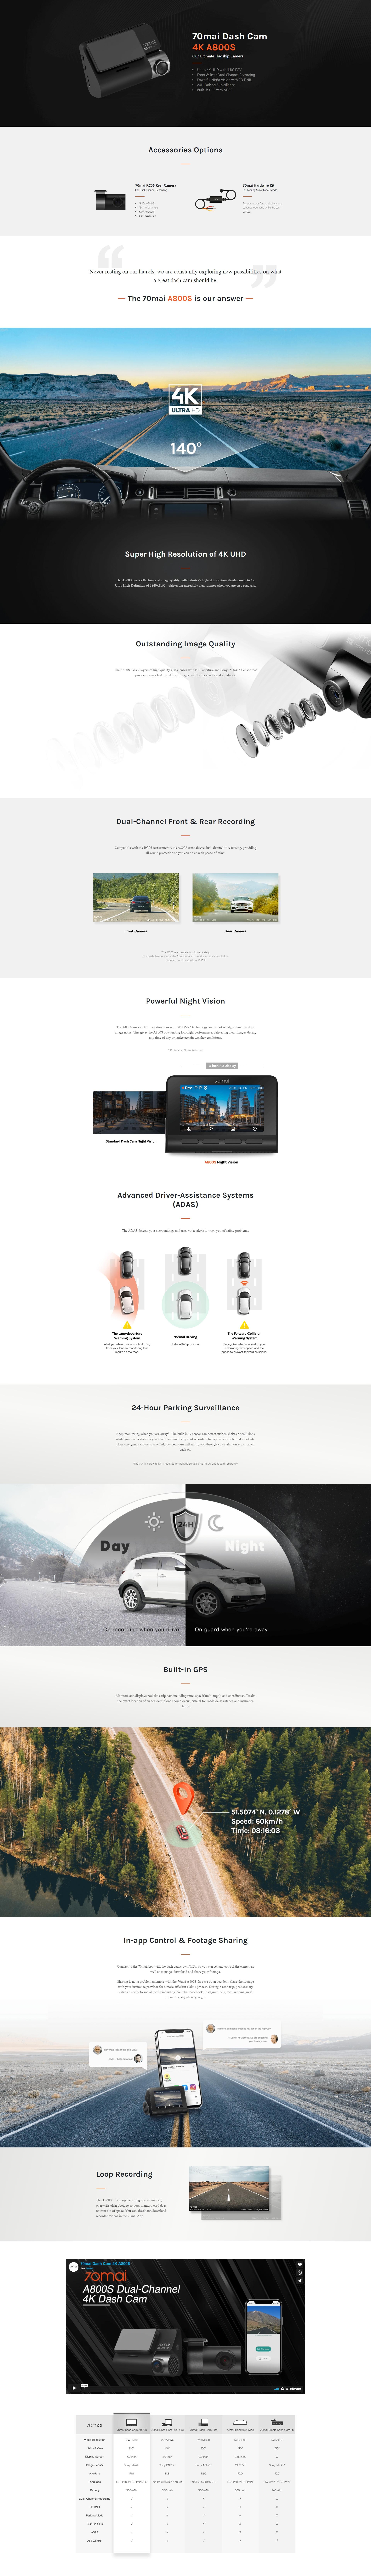 Mai A800S specifikacije